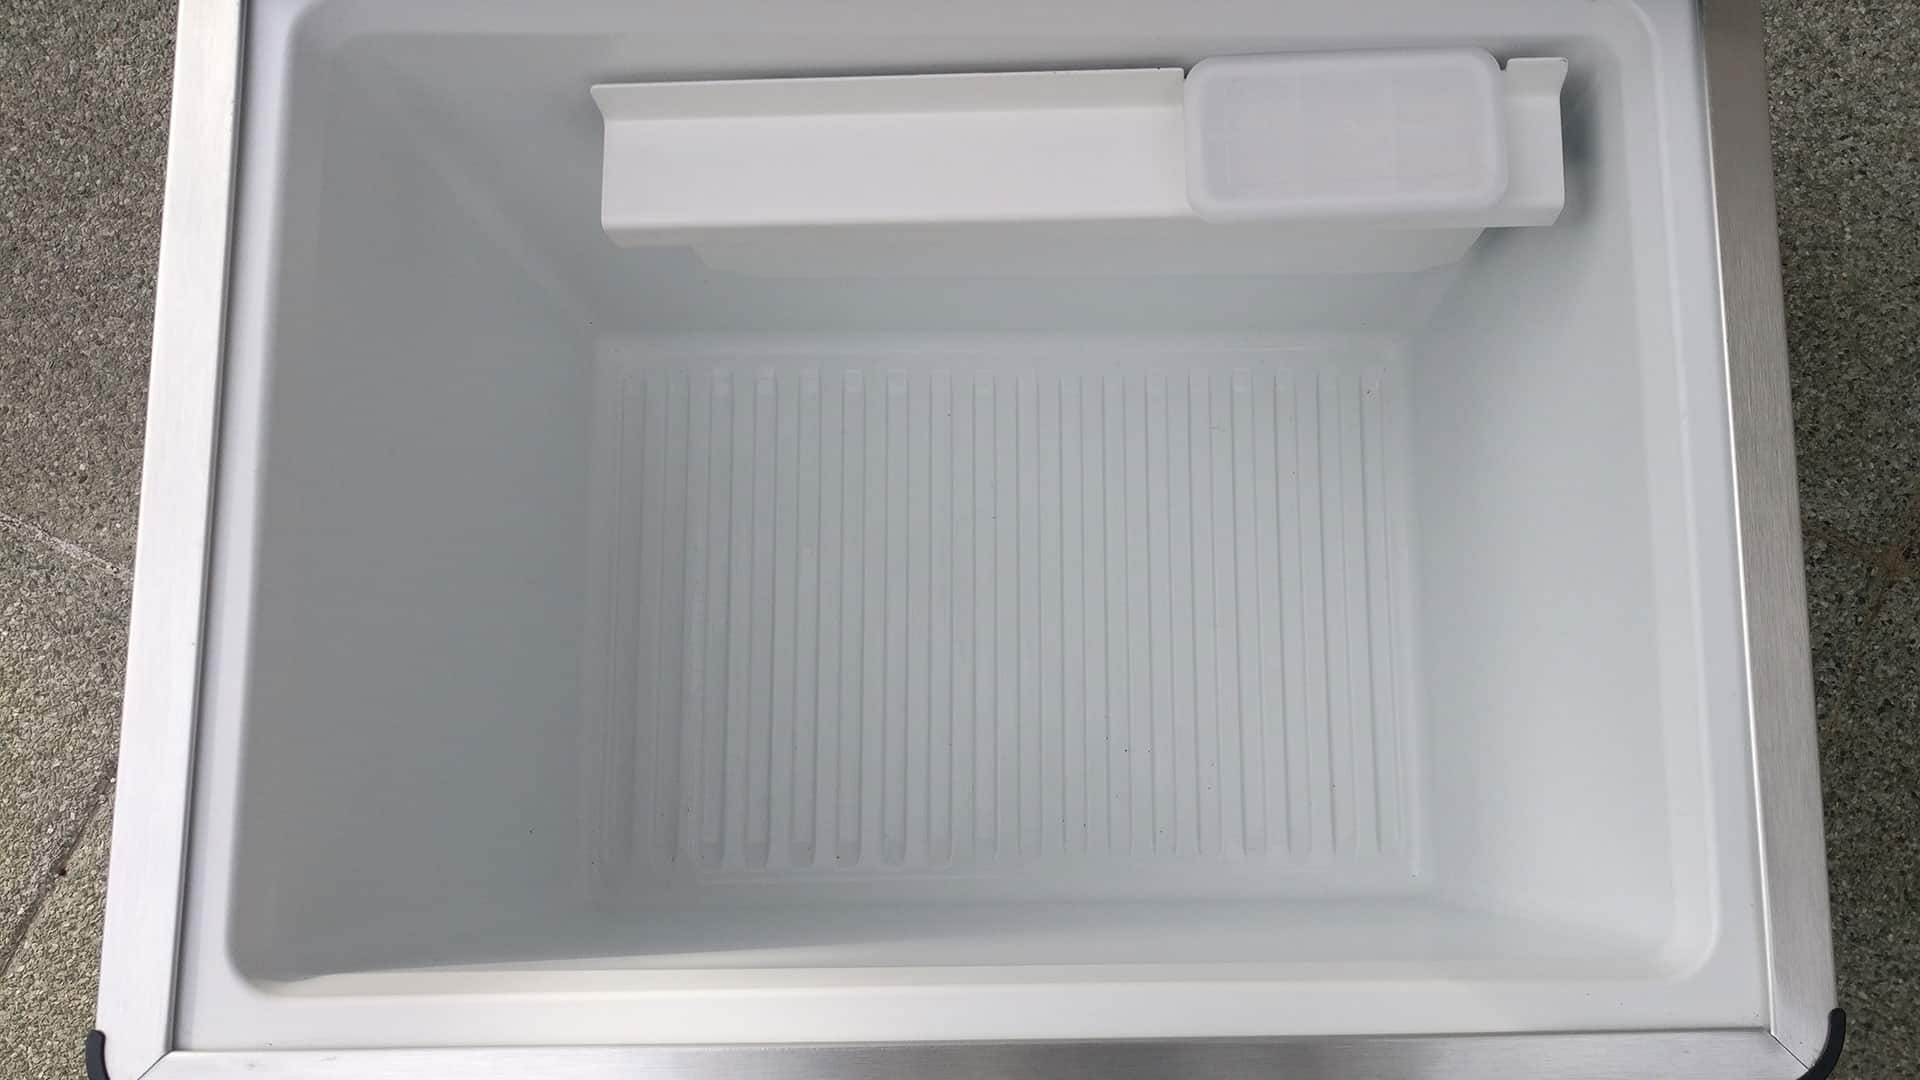 Bomann Kühlschrank Lüfter : Camping kühlschrank: den besten finden & kaufen ツ papatestet